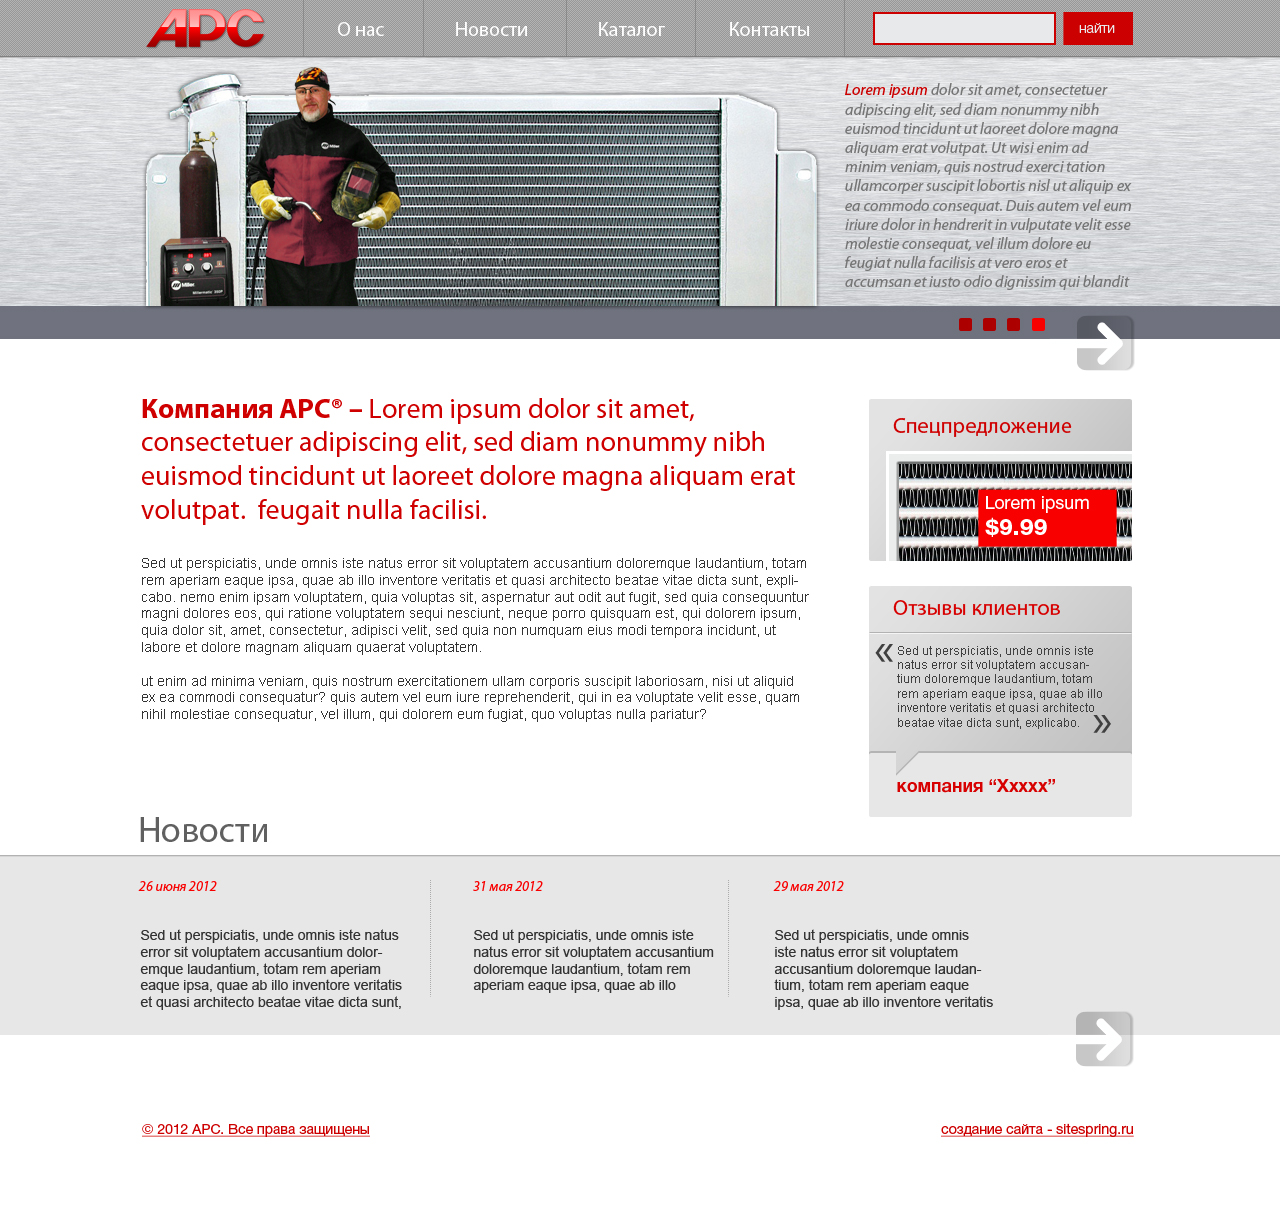 Сайт компании по ремонту радиаторов грузовых авто